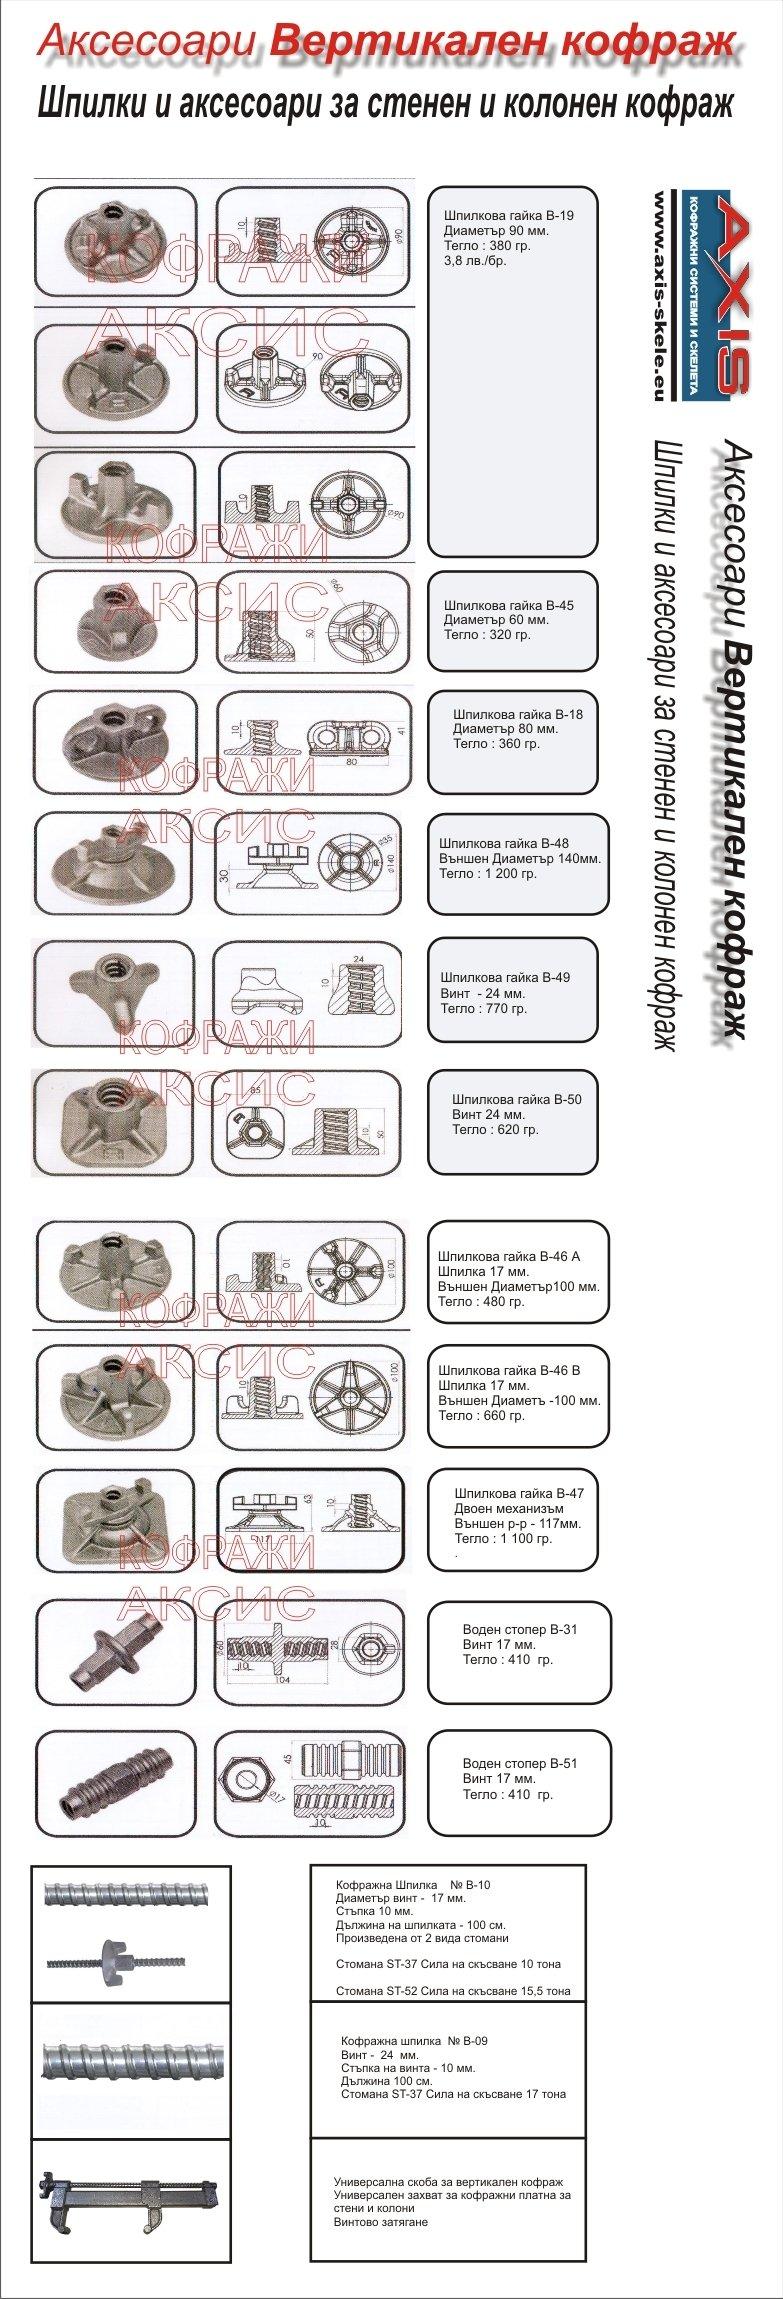 Вертикален кофраж за стени и колони /аксесоари/